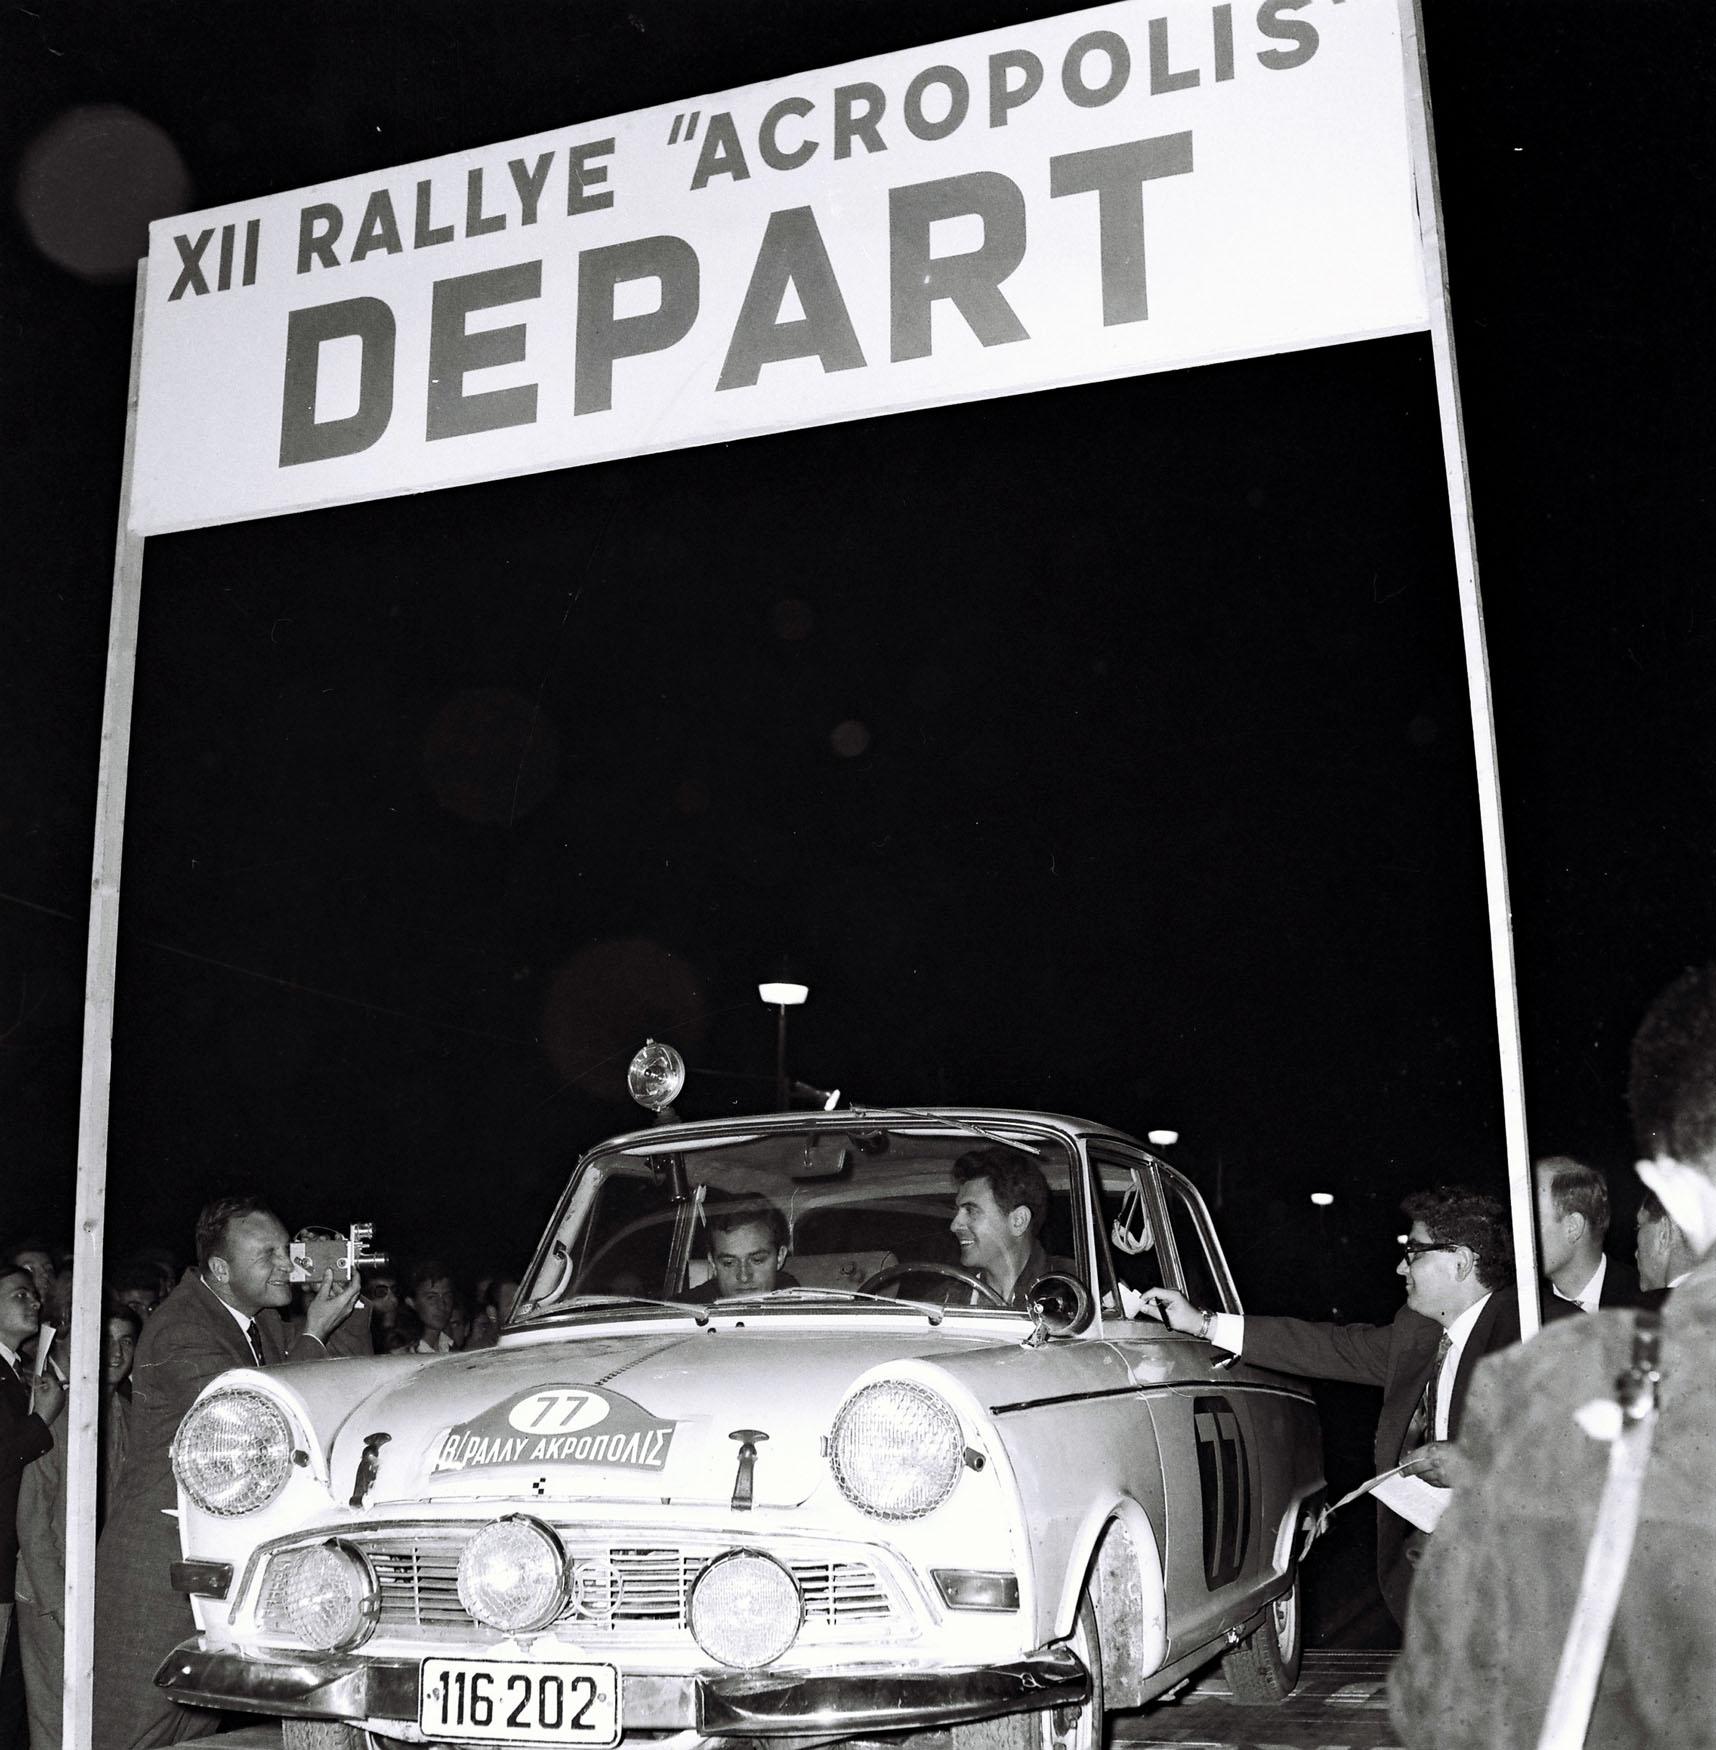 Γιώργος Ραπτόπουλος με DKW στο Ράλλυ Ακρόπολις του 1966